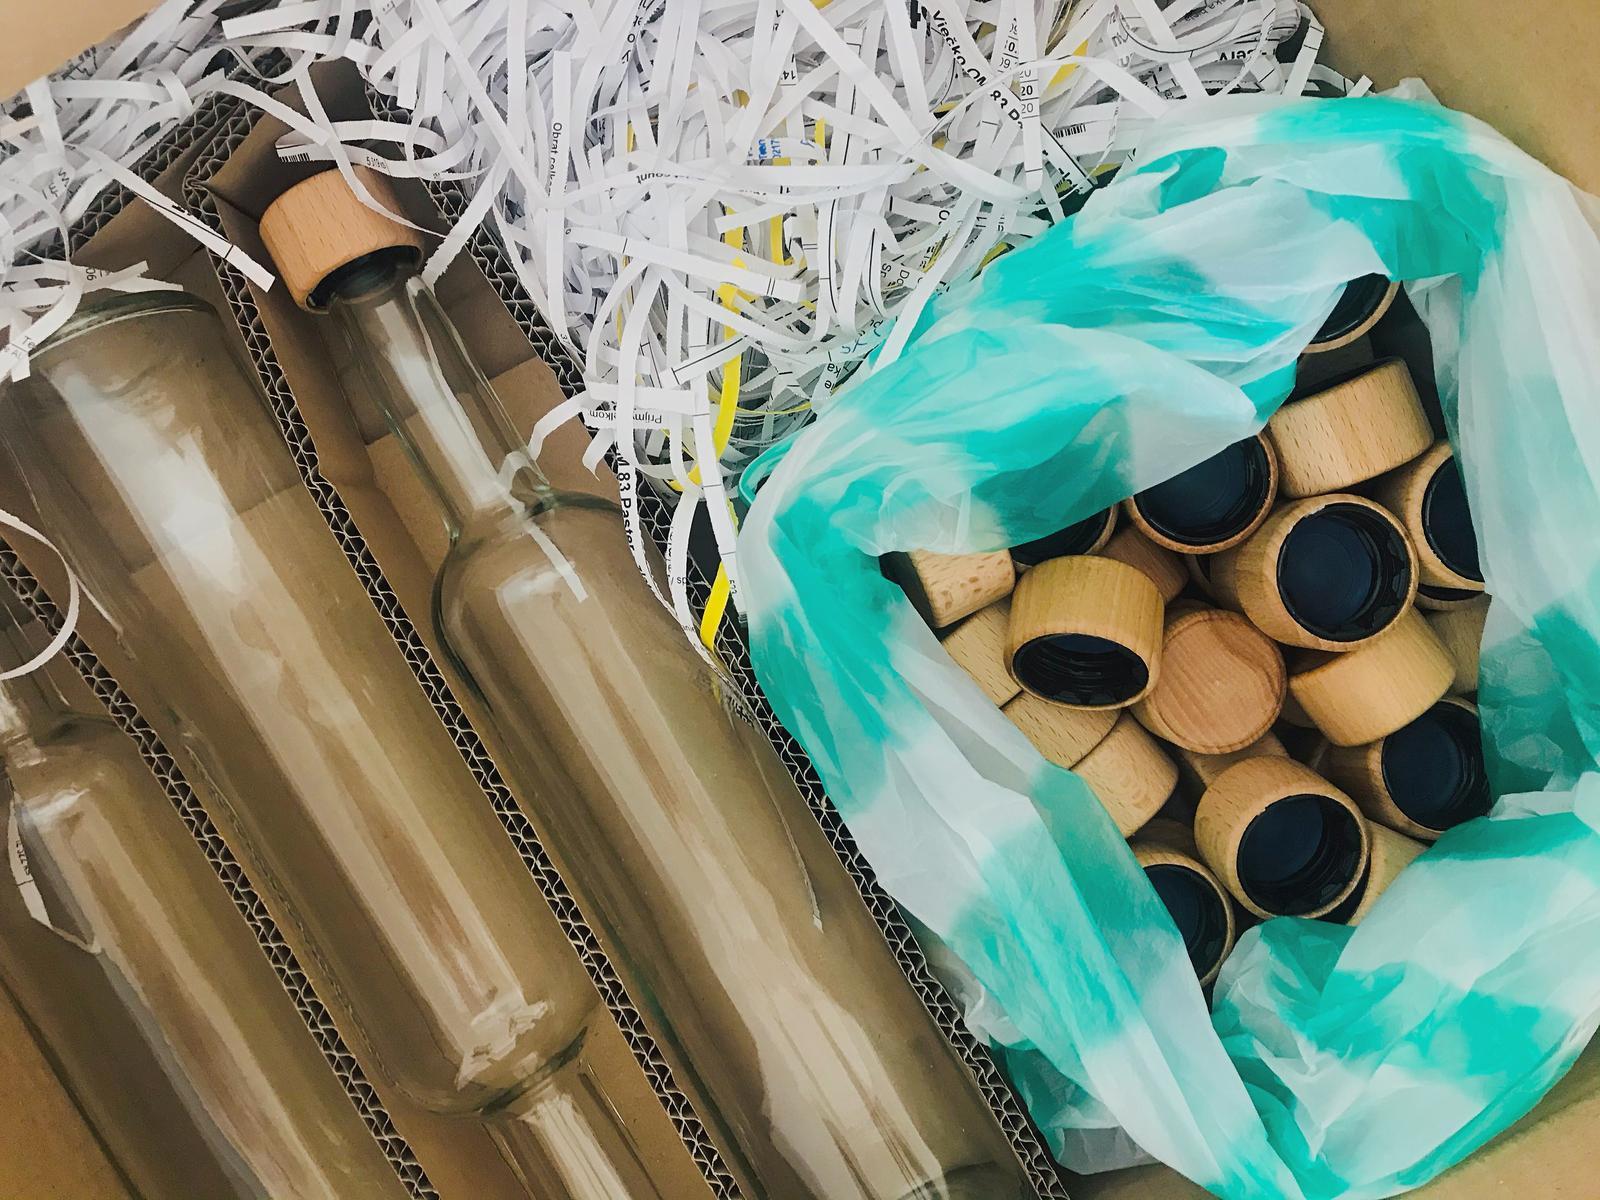 Prípravy 🌸🛍📝 - Fľaše na svadobnú slivovicu a jabĺčkovicu 🥭 🍏🍎